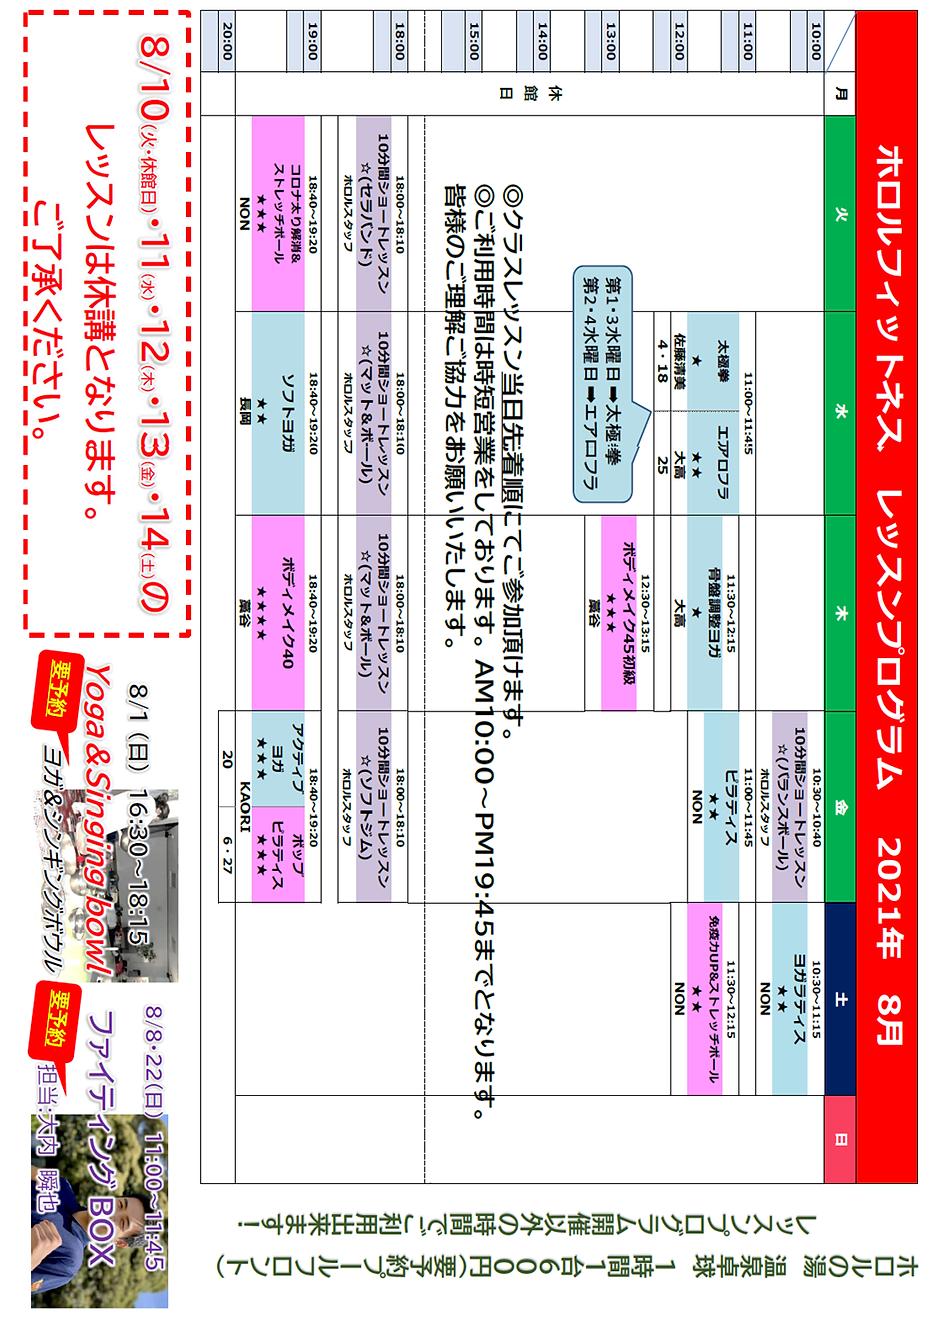 フィットネス202108.png